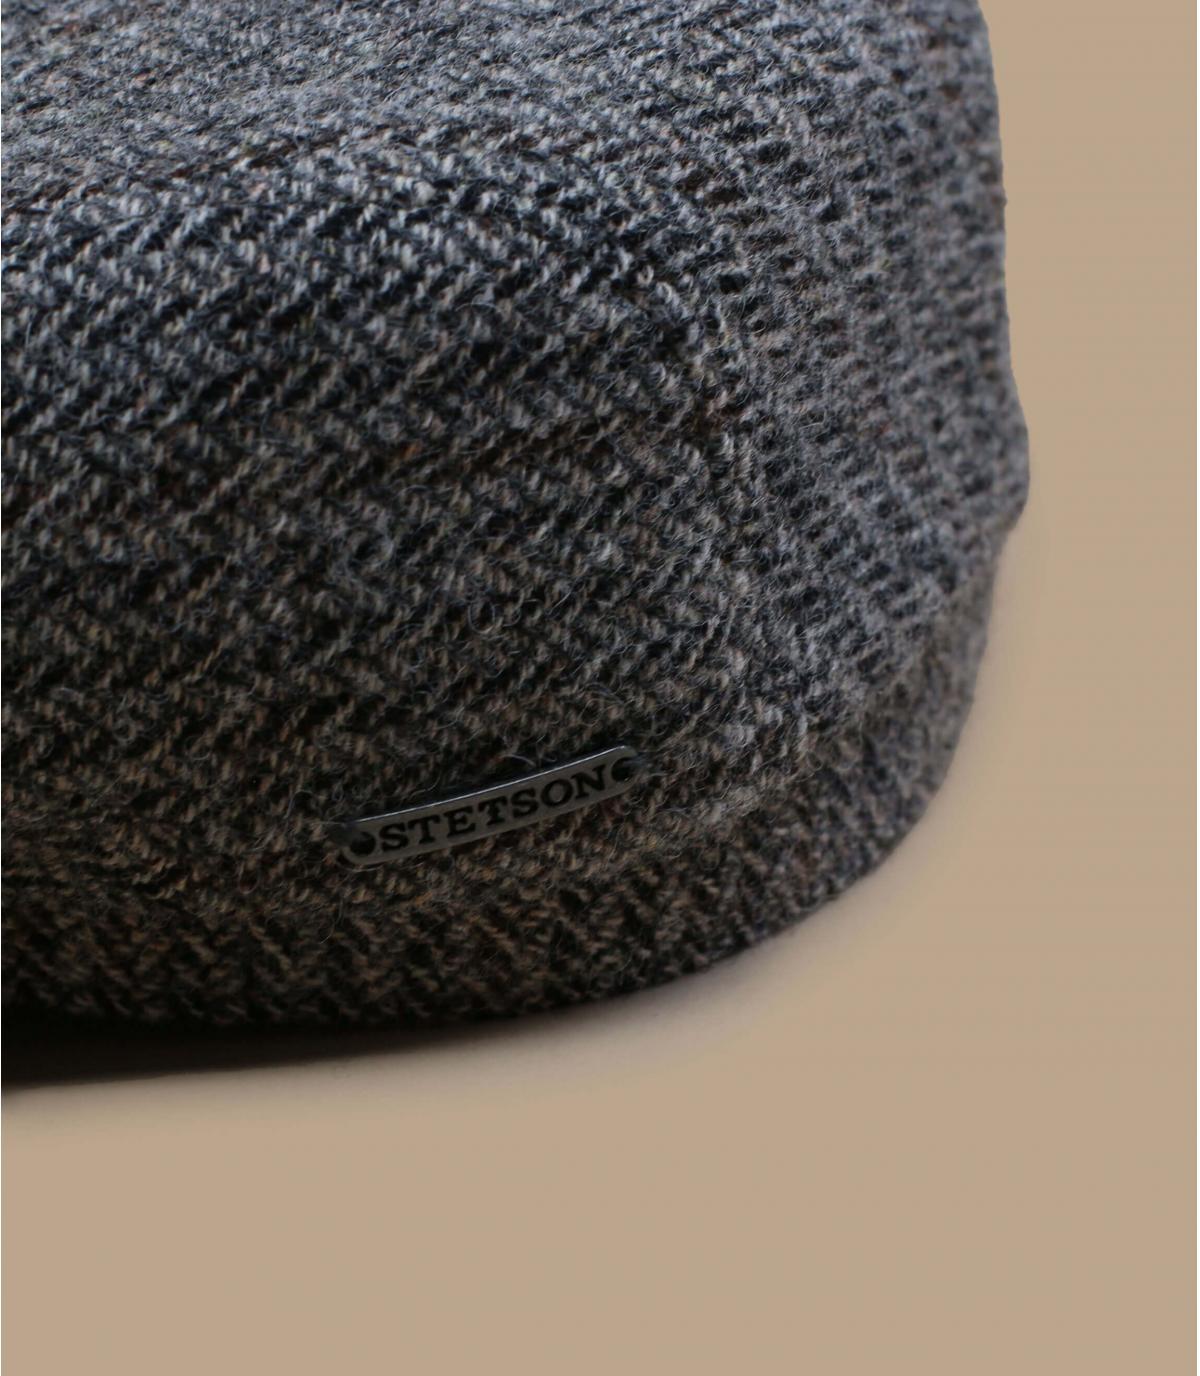 Details Driver Cap Virgin Wool Herringbone grey - afbeeling 2